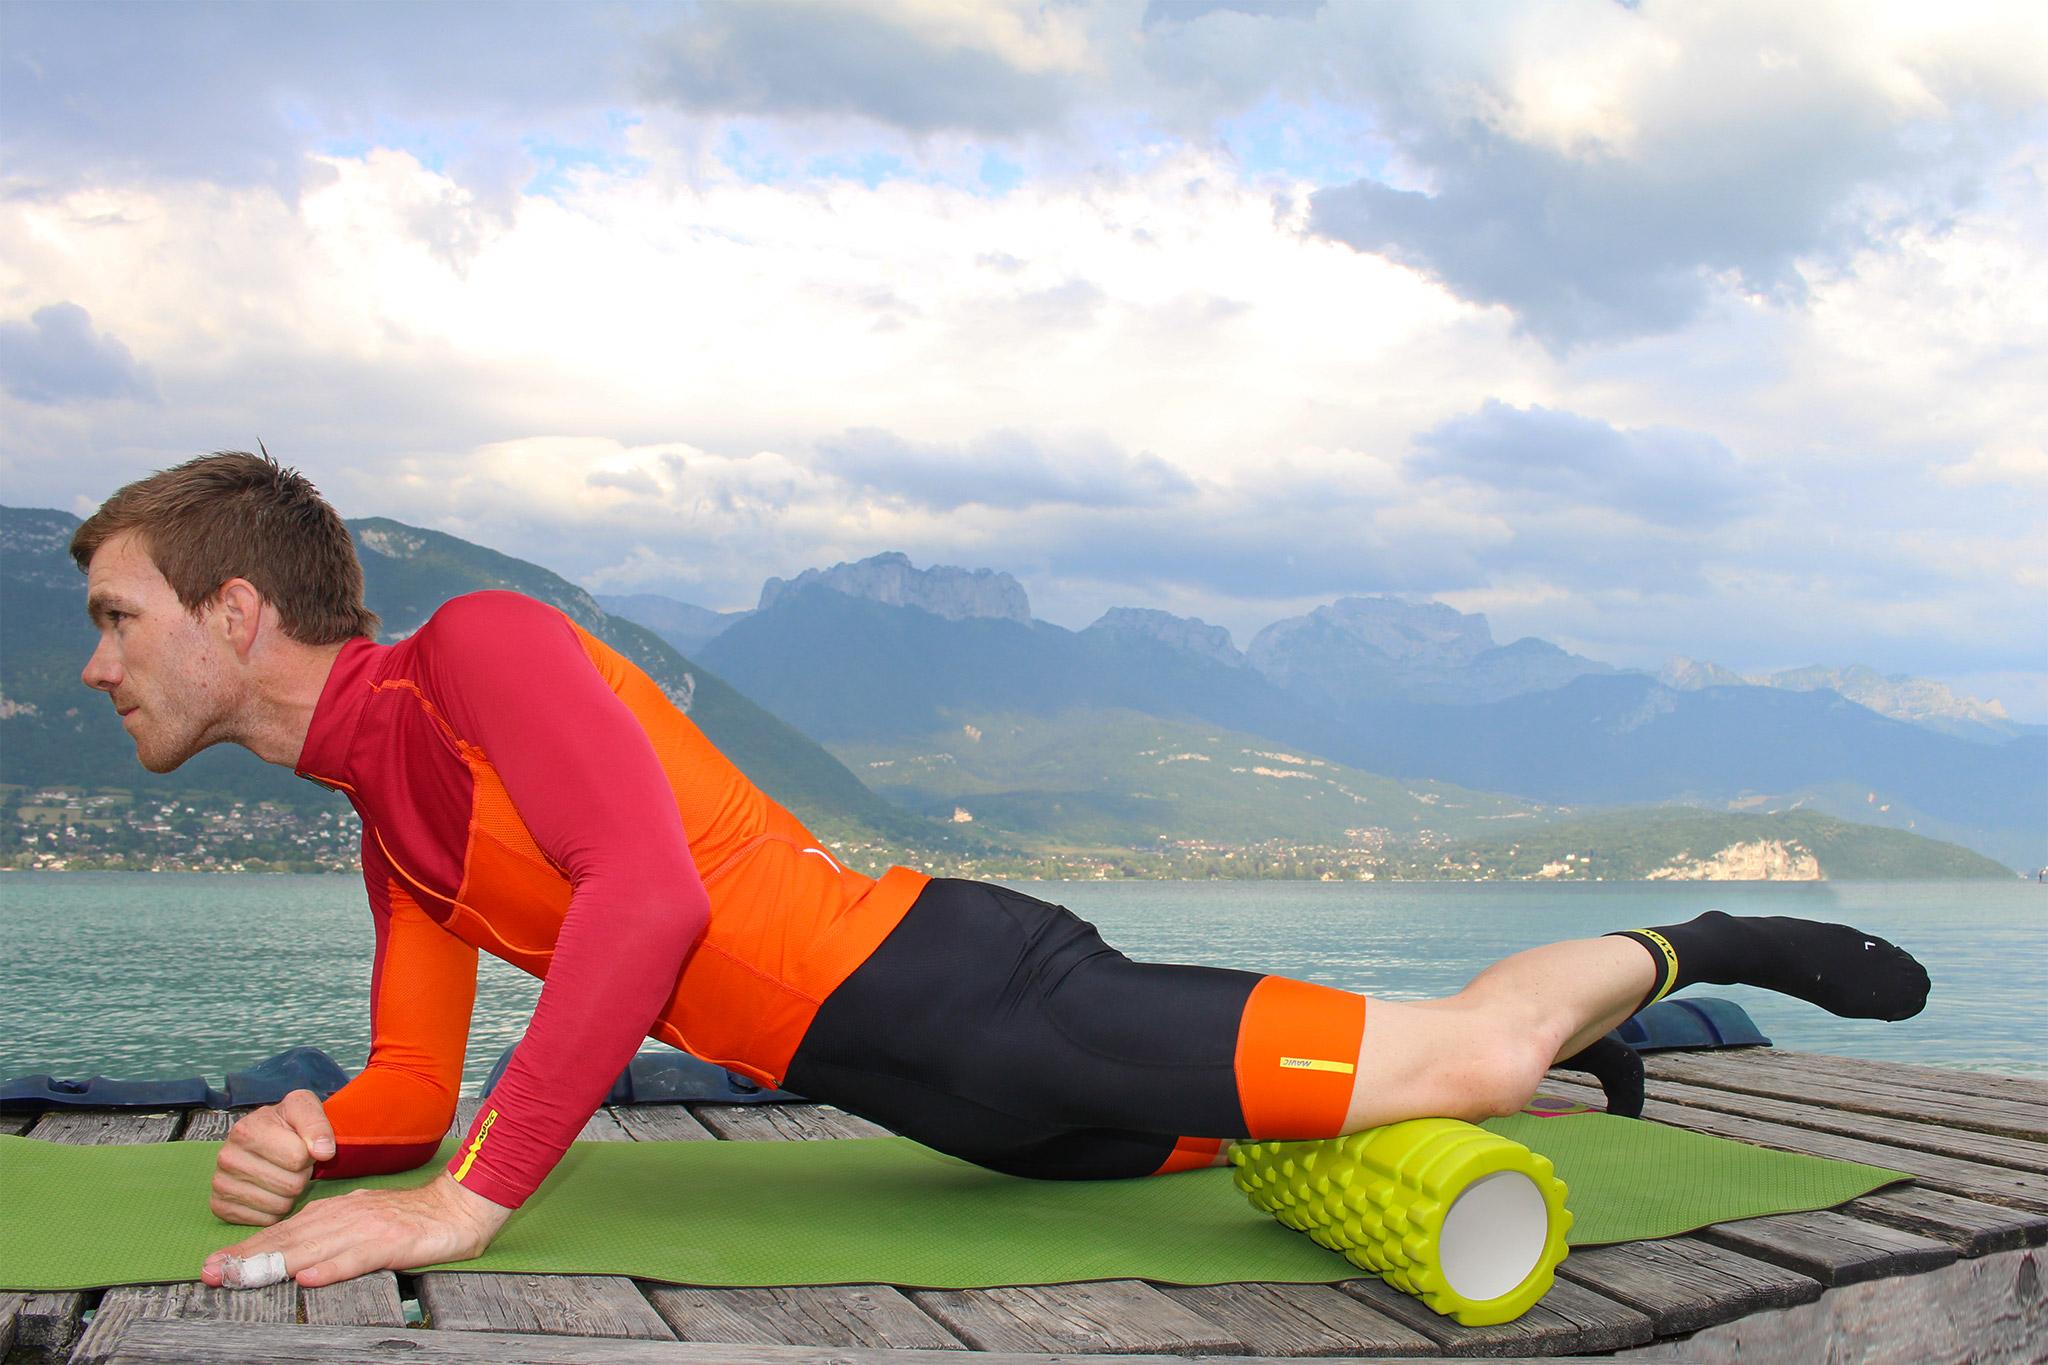 Les 3 types de Récupération Sportive : mieux les Connaitre